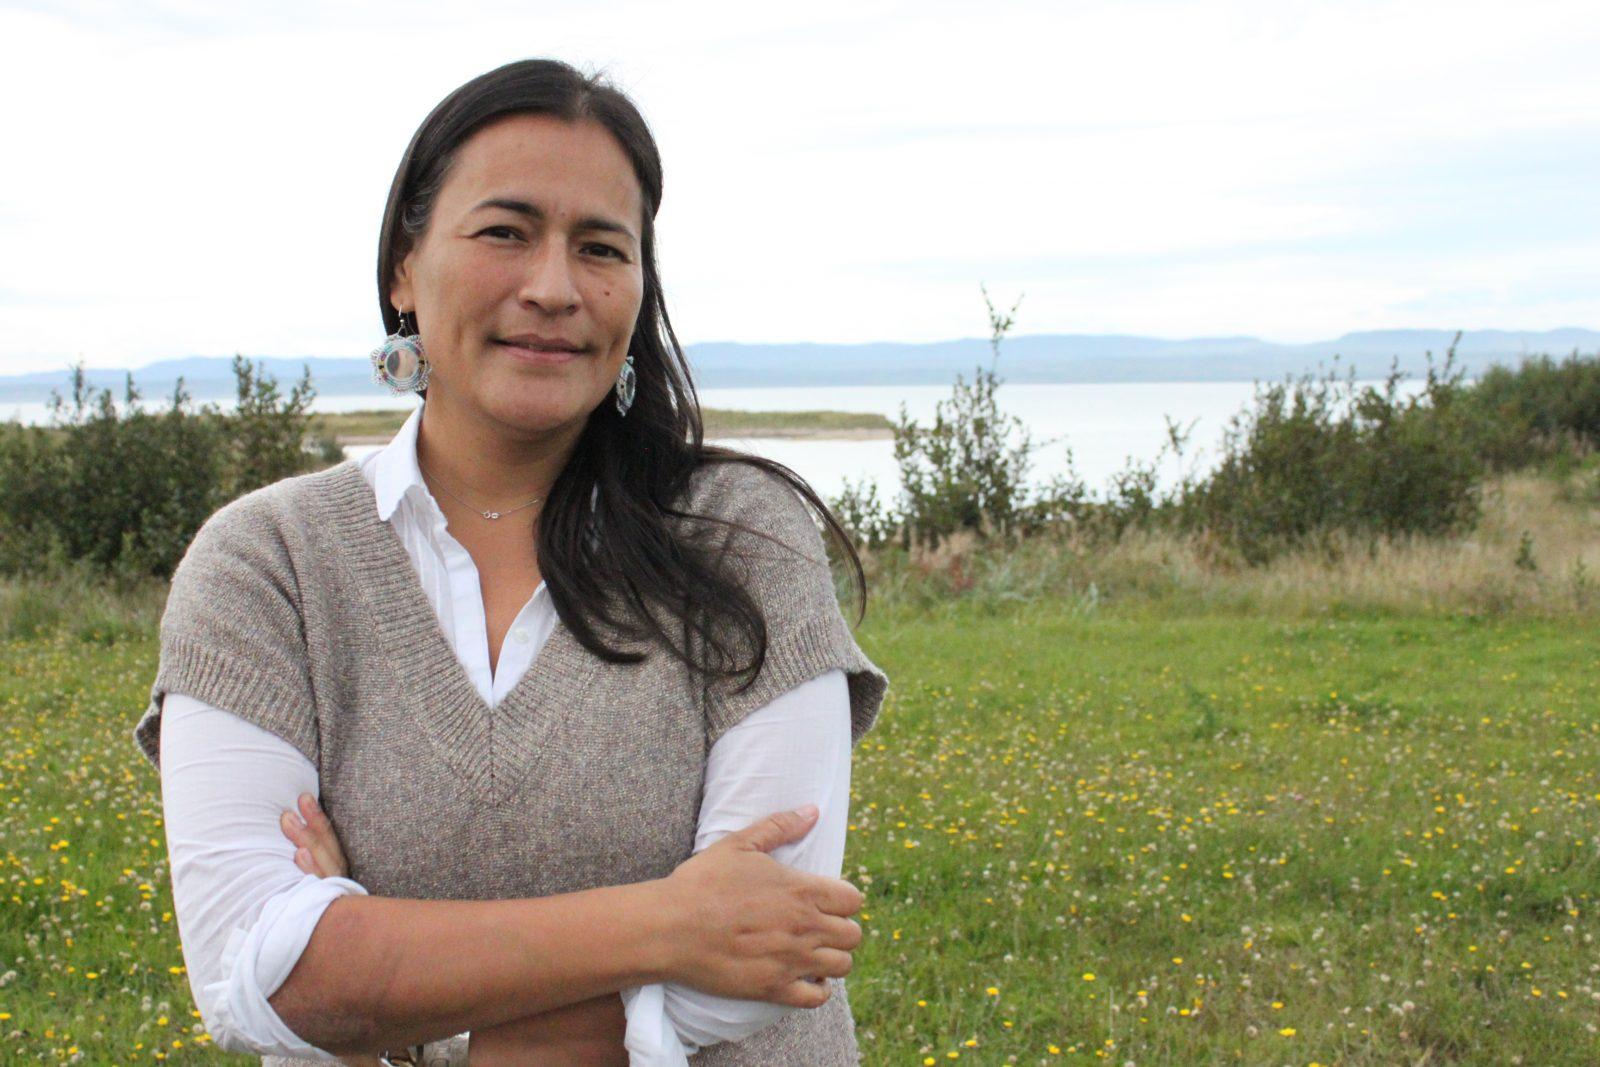 Défaite à l'investiture dans Manicouagan, Michèle Audette devient candidate dans Terrebonne